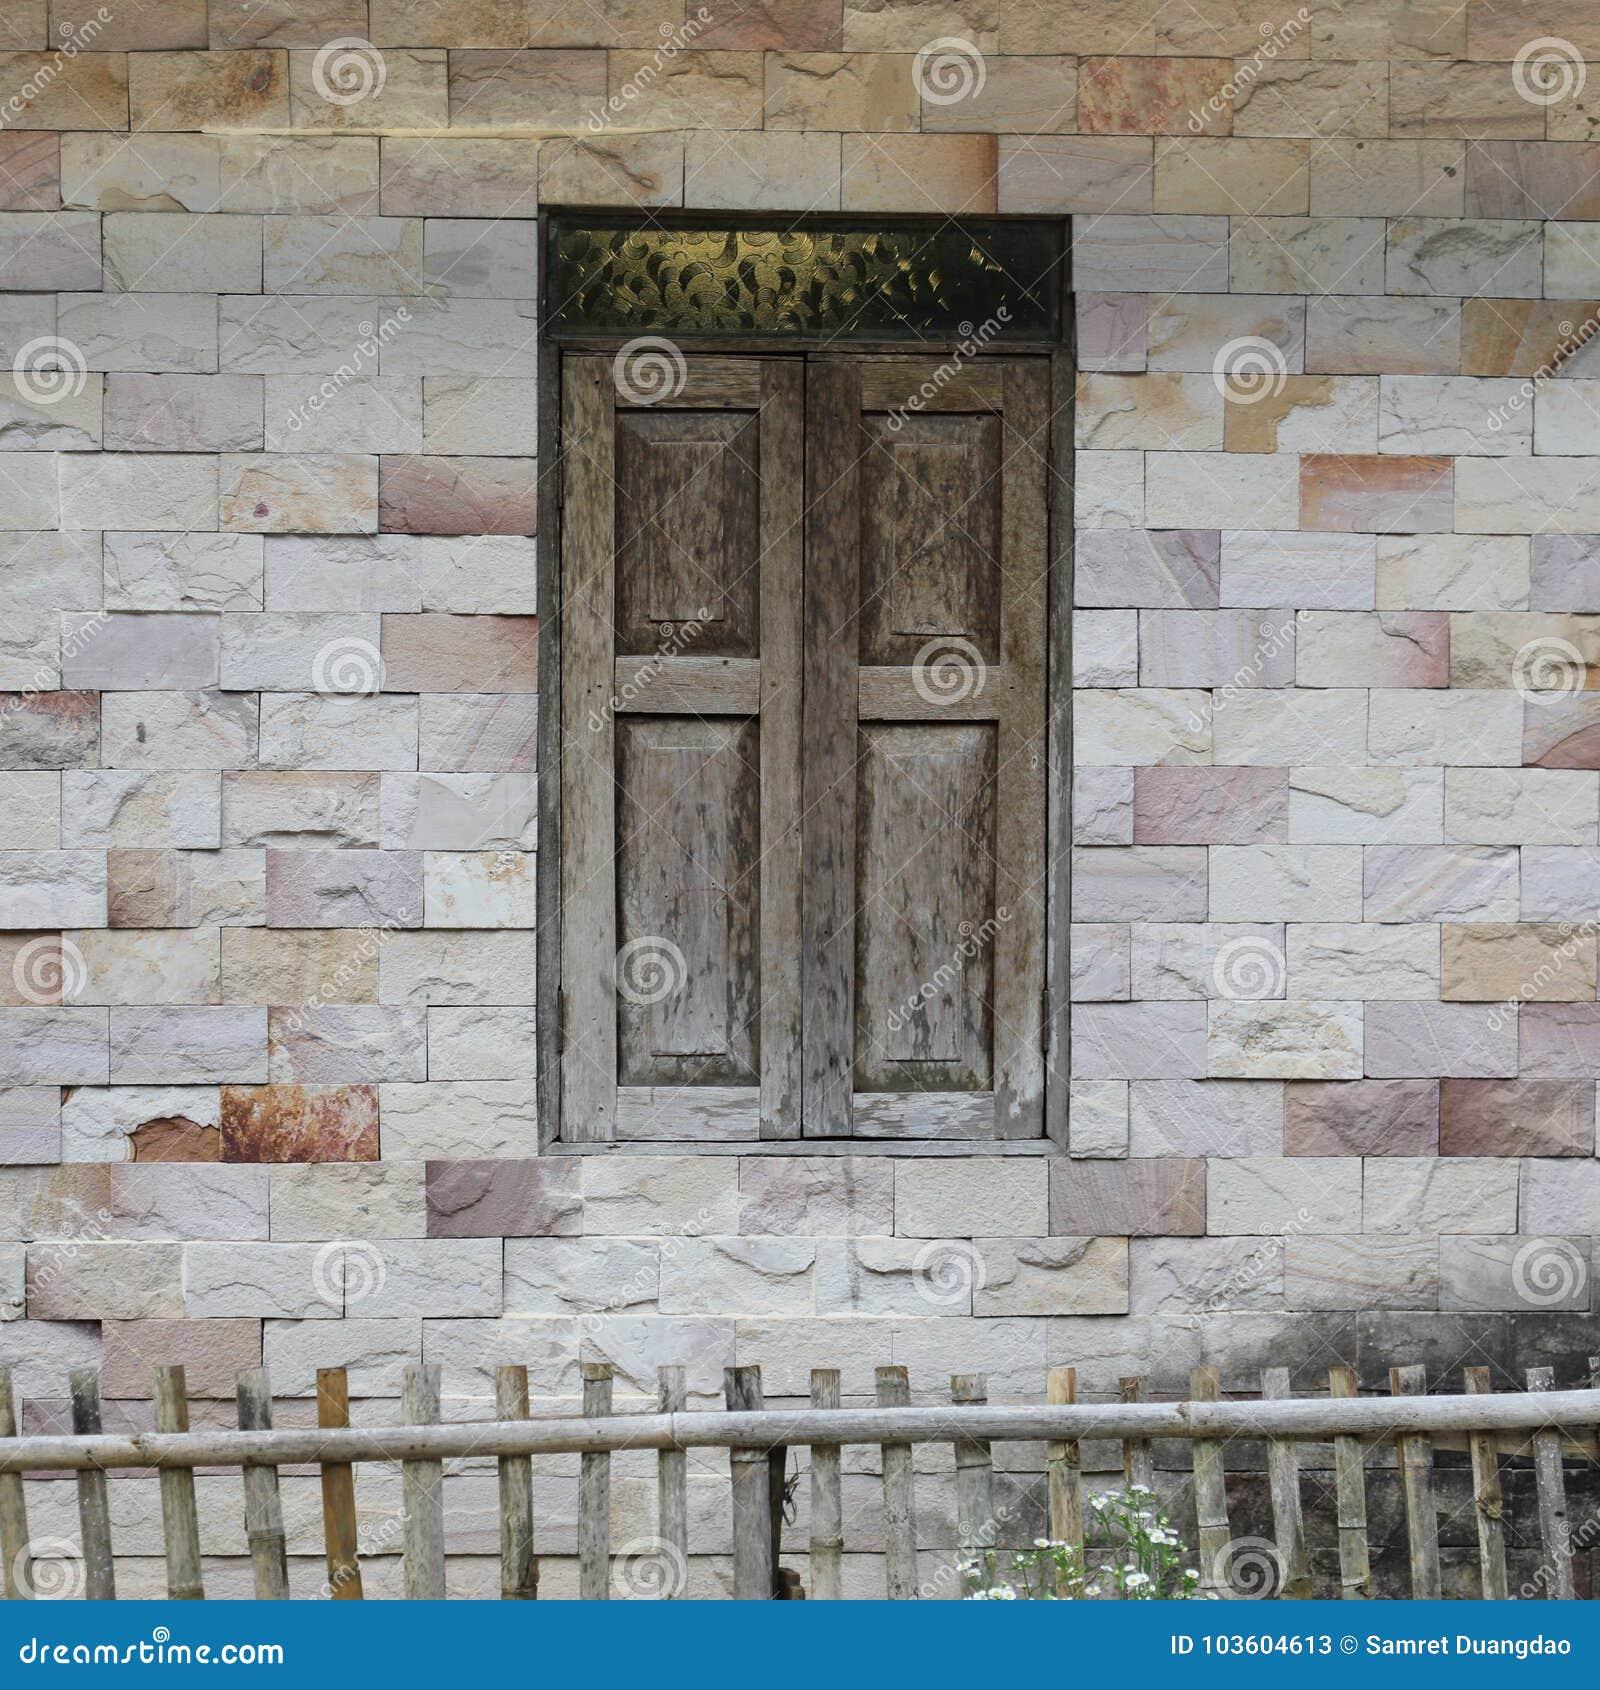 Die Wand des Hauses hergestellt vom Mörser mit Fliese ist rechteckig